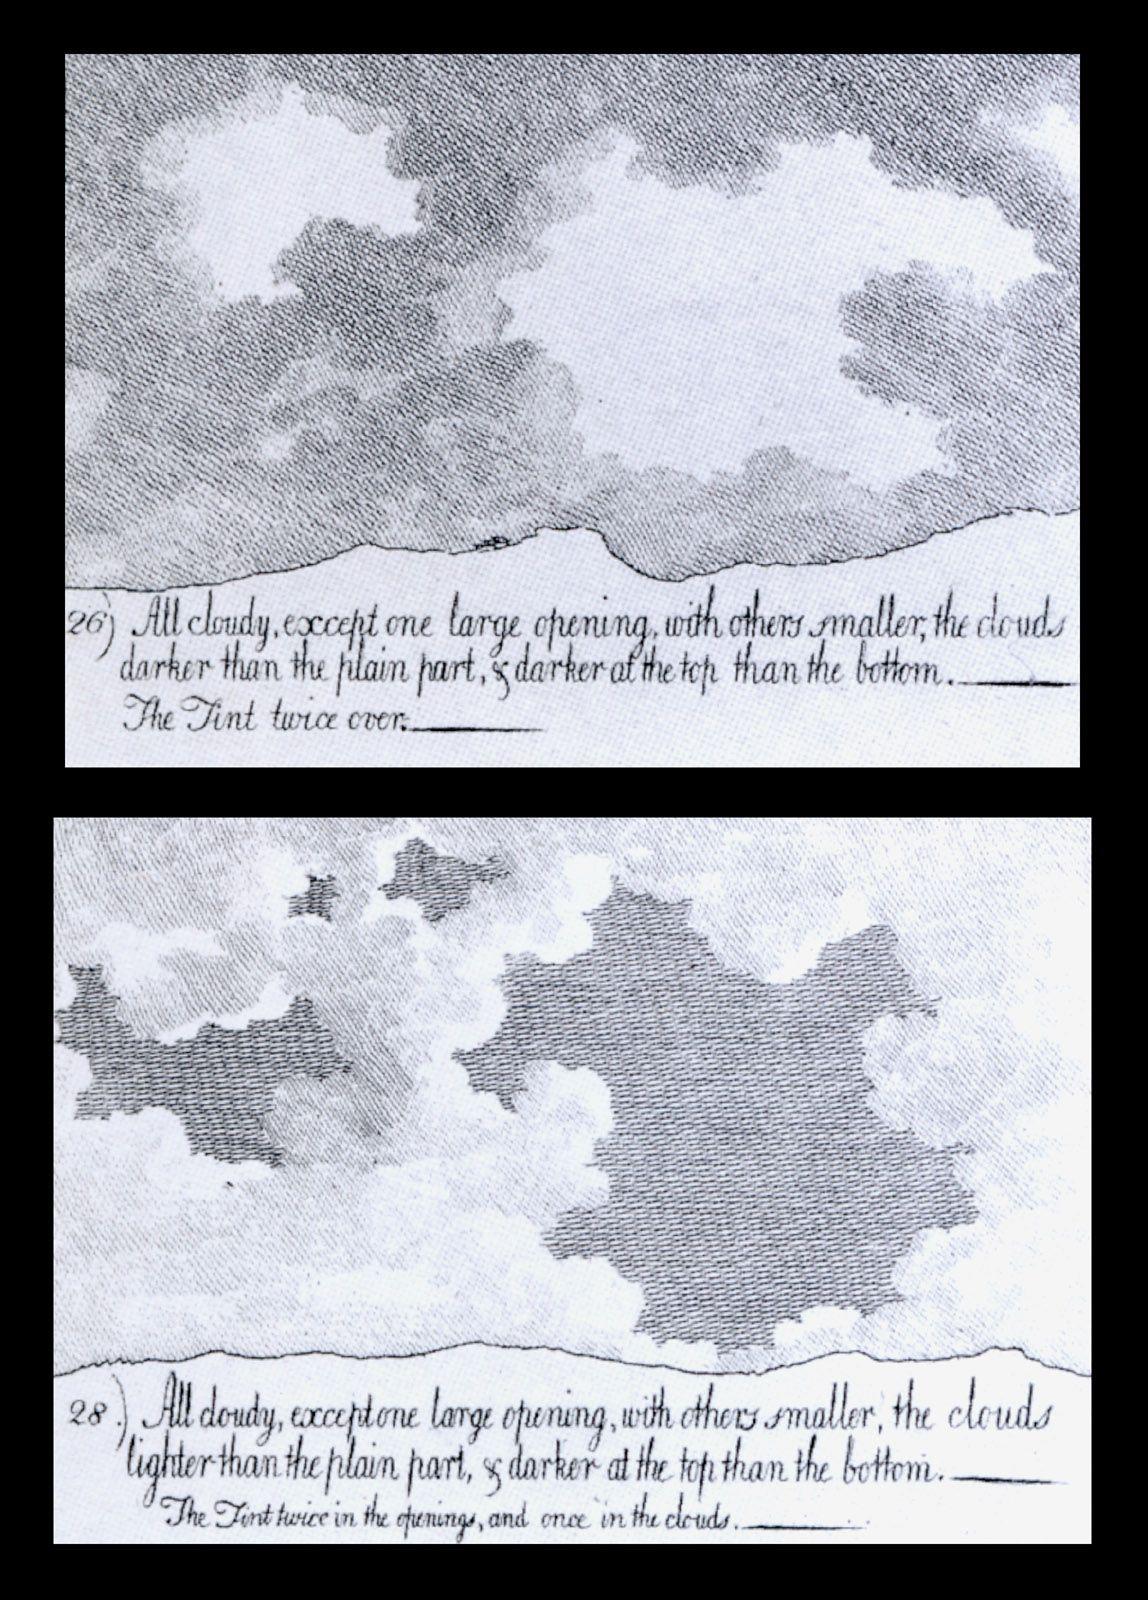 cozens 1717 1786 gravures de diff 233 rents types de ciel de 1784 224 1785 nuvole